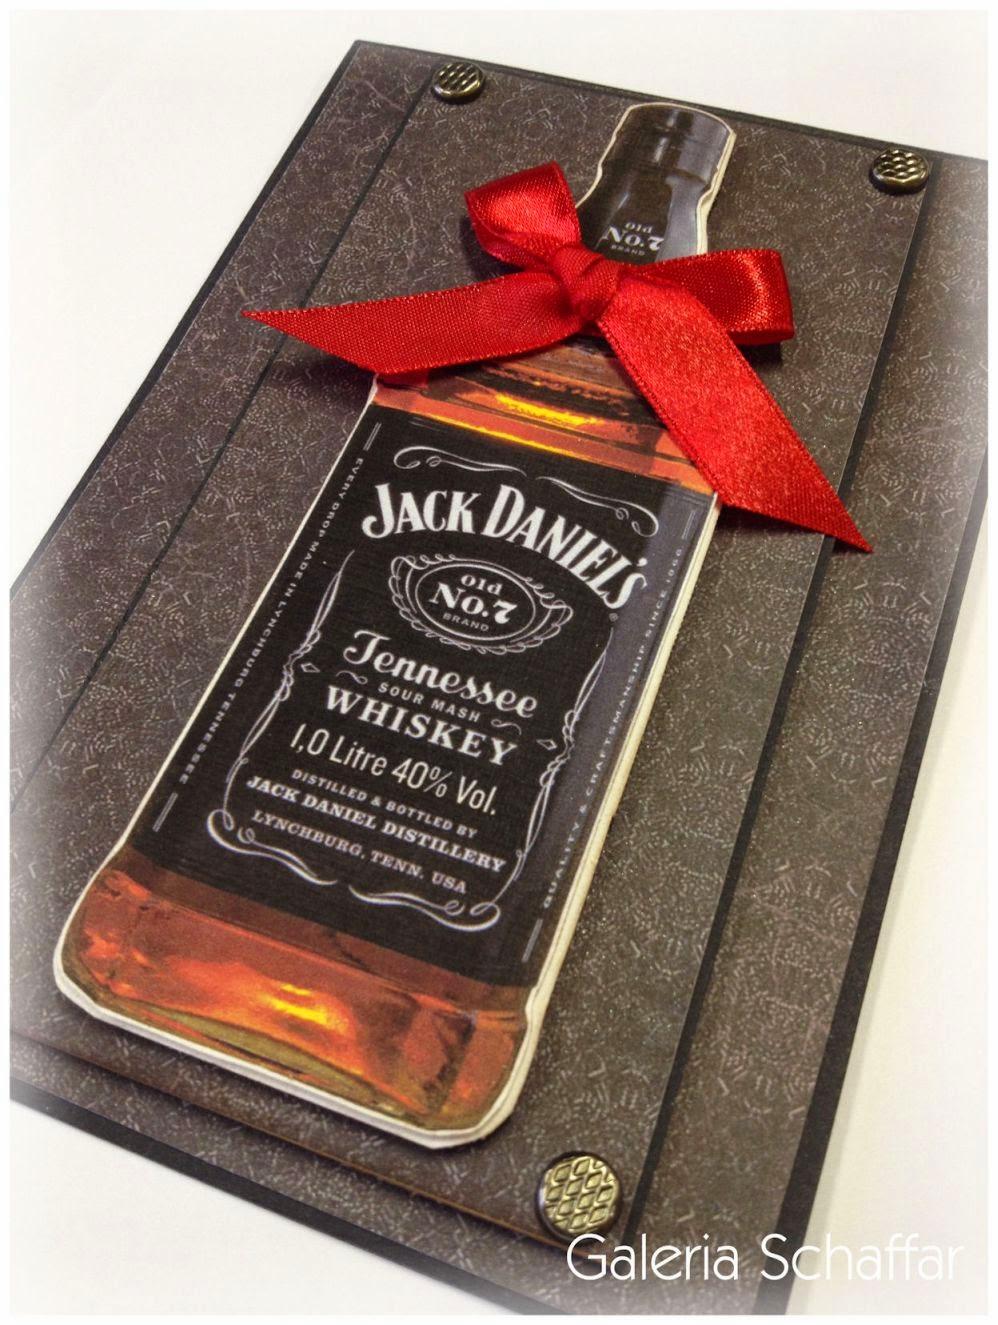 nietypowa kartka urodzinowa dla faceta jack daniels johny walker whiskey galeria schaffar